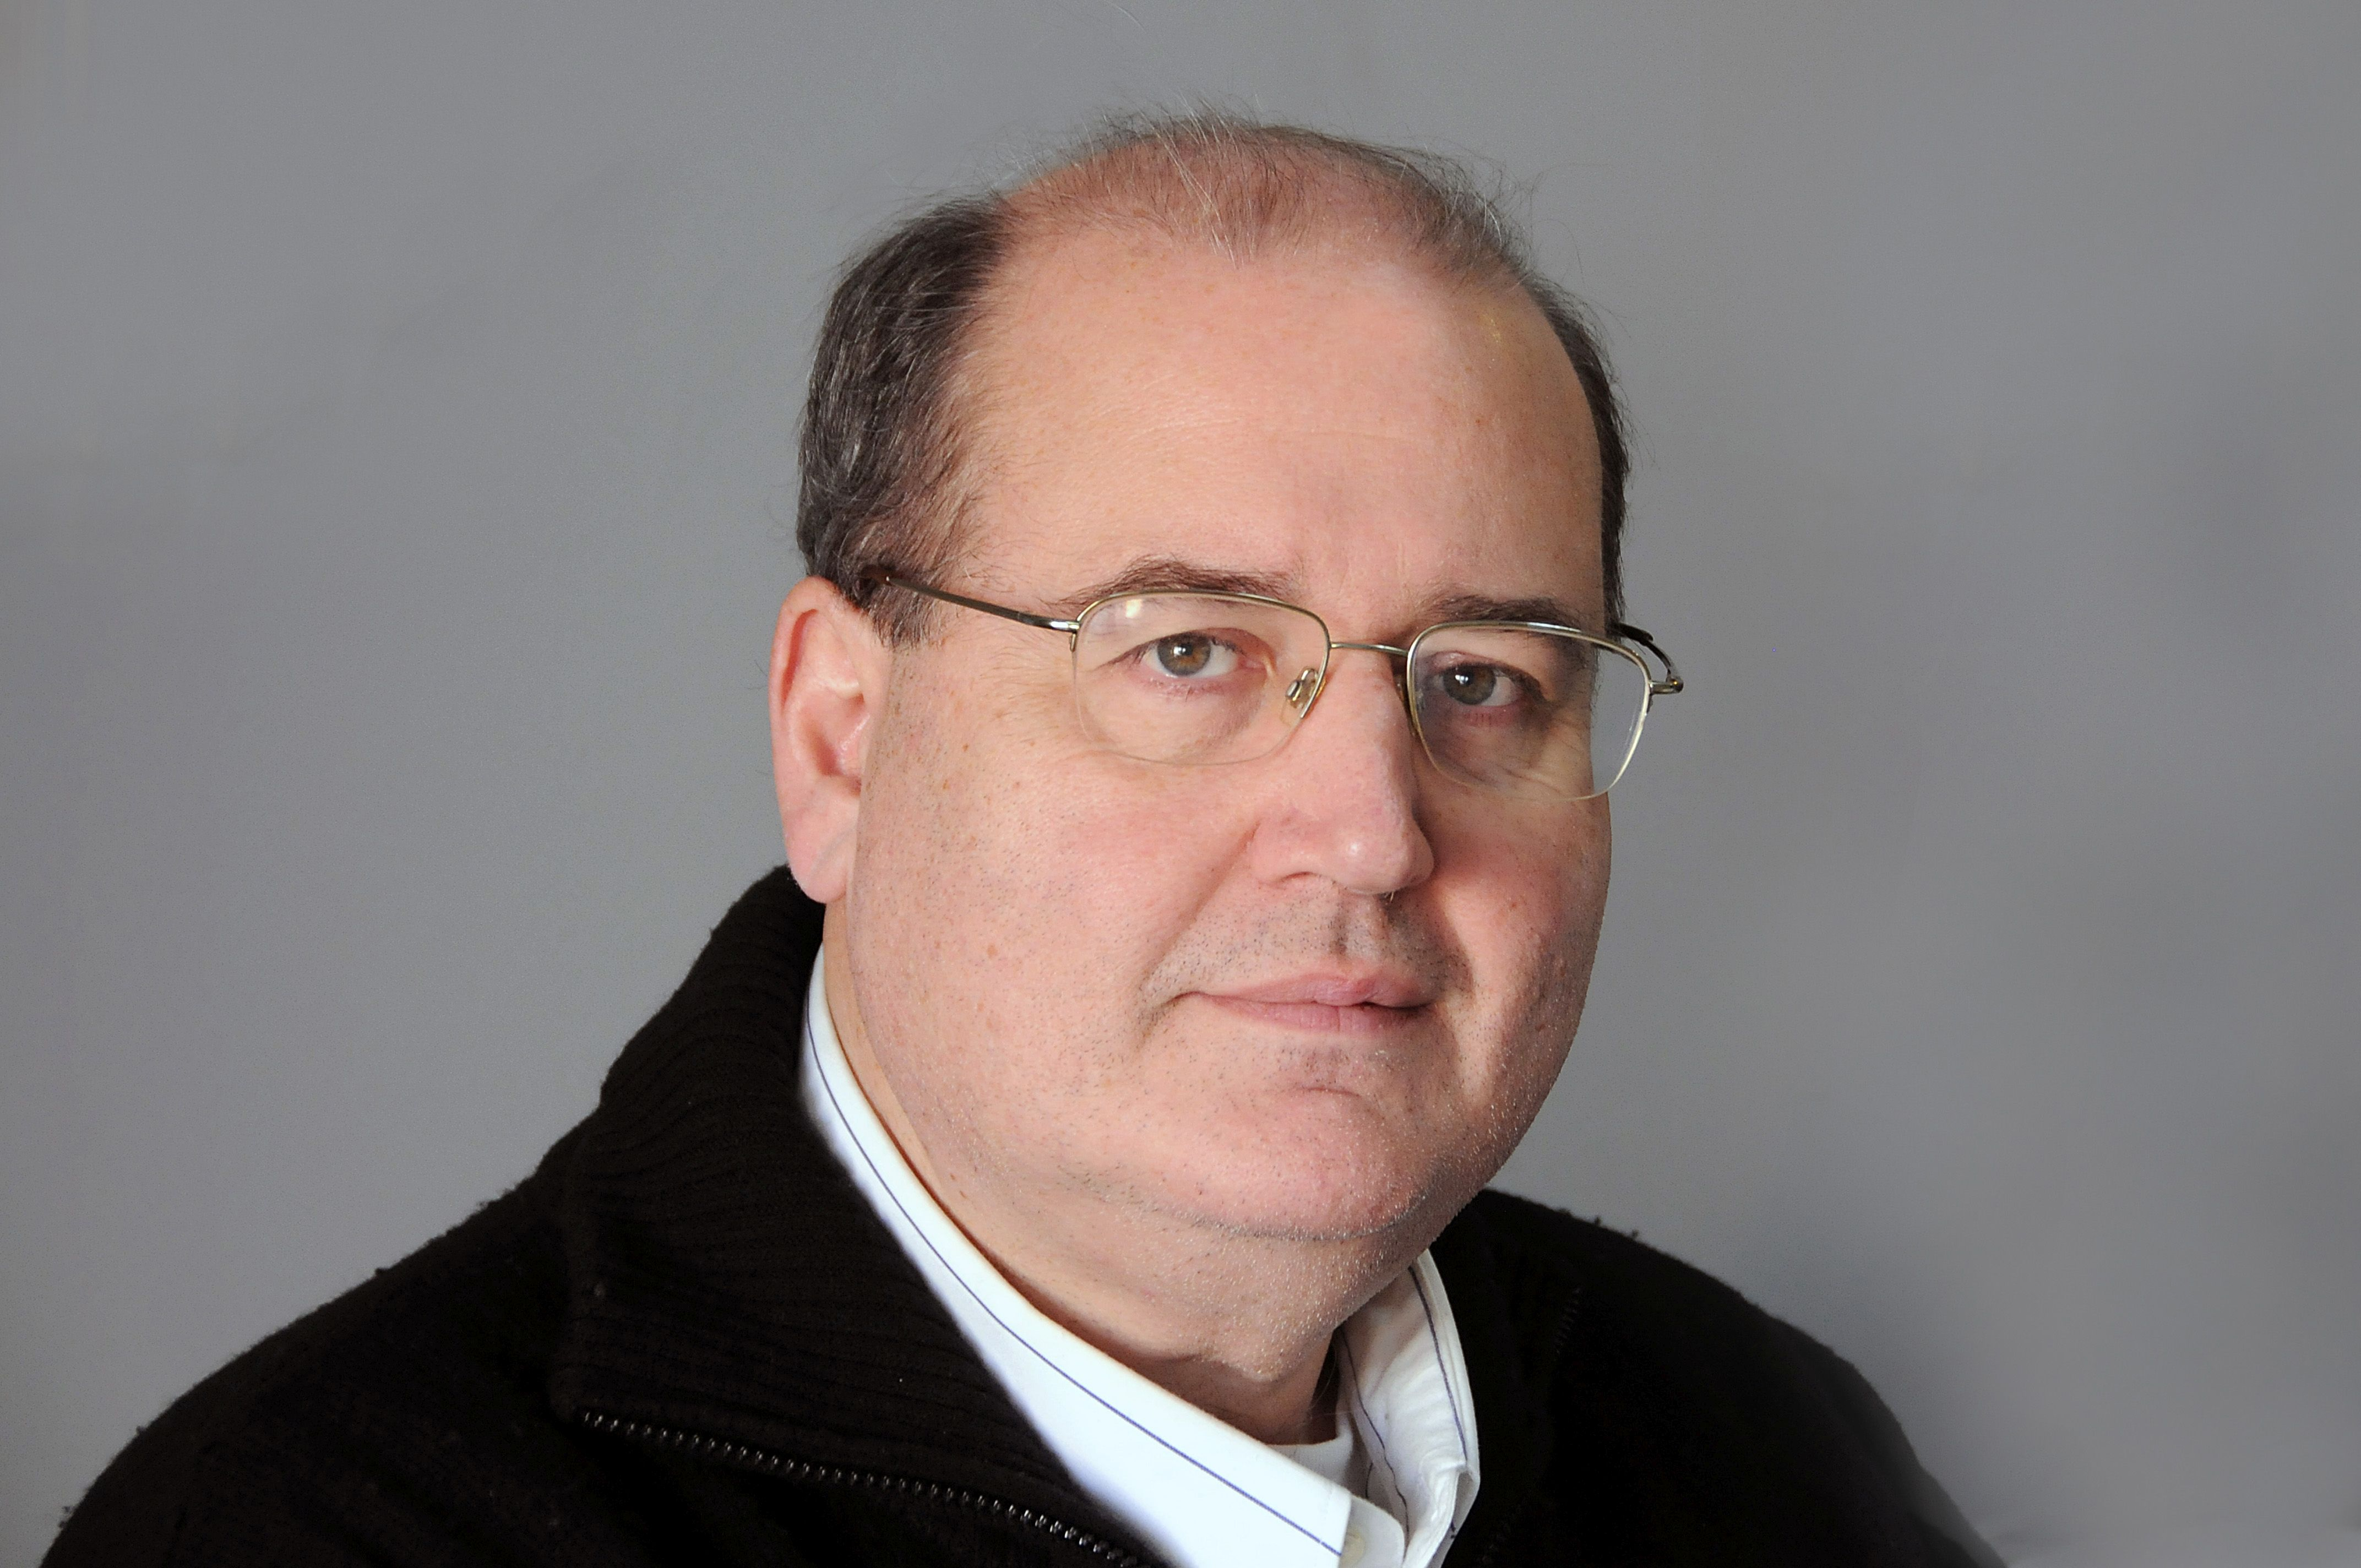 Συνέντευξη του Υπουργού Παιδείας, Έρευνας και Θρησκευμάτων, Νίκου Φίλη στην εφημερίδα «To Βήμα»